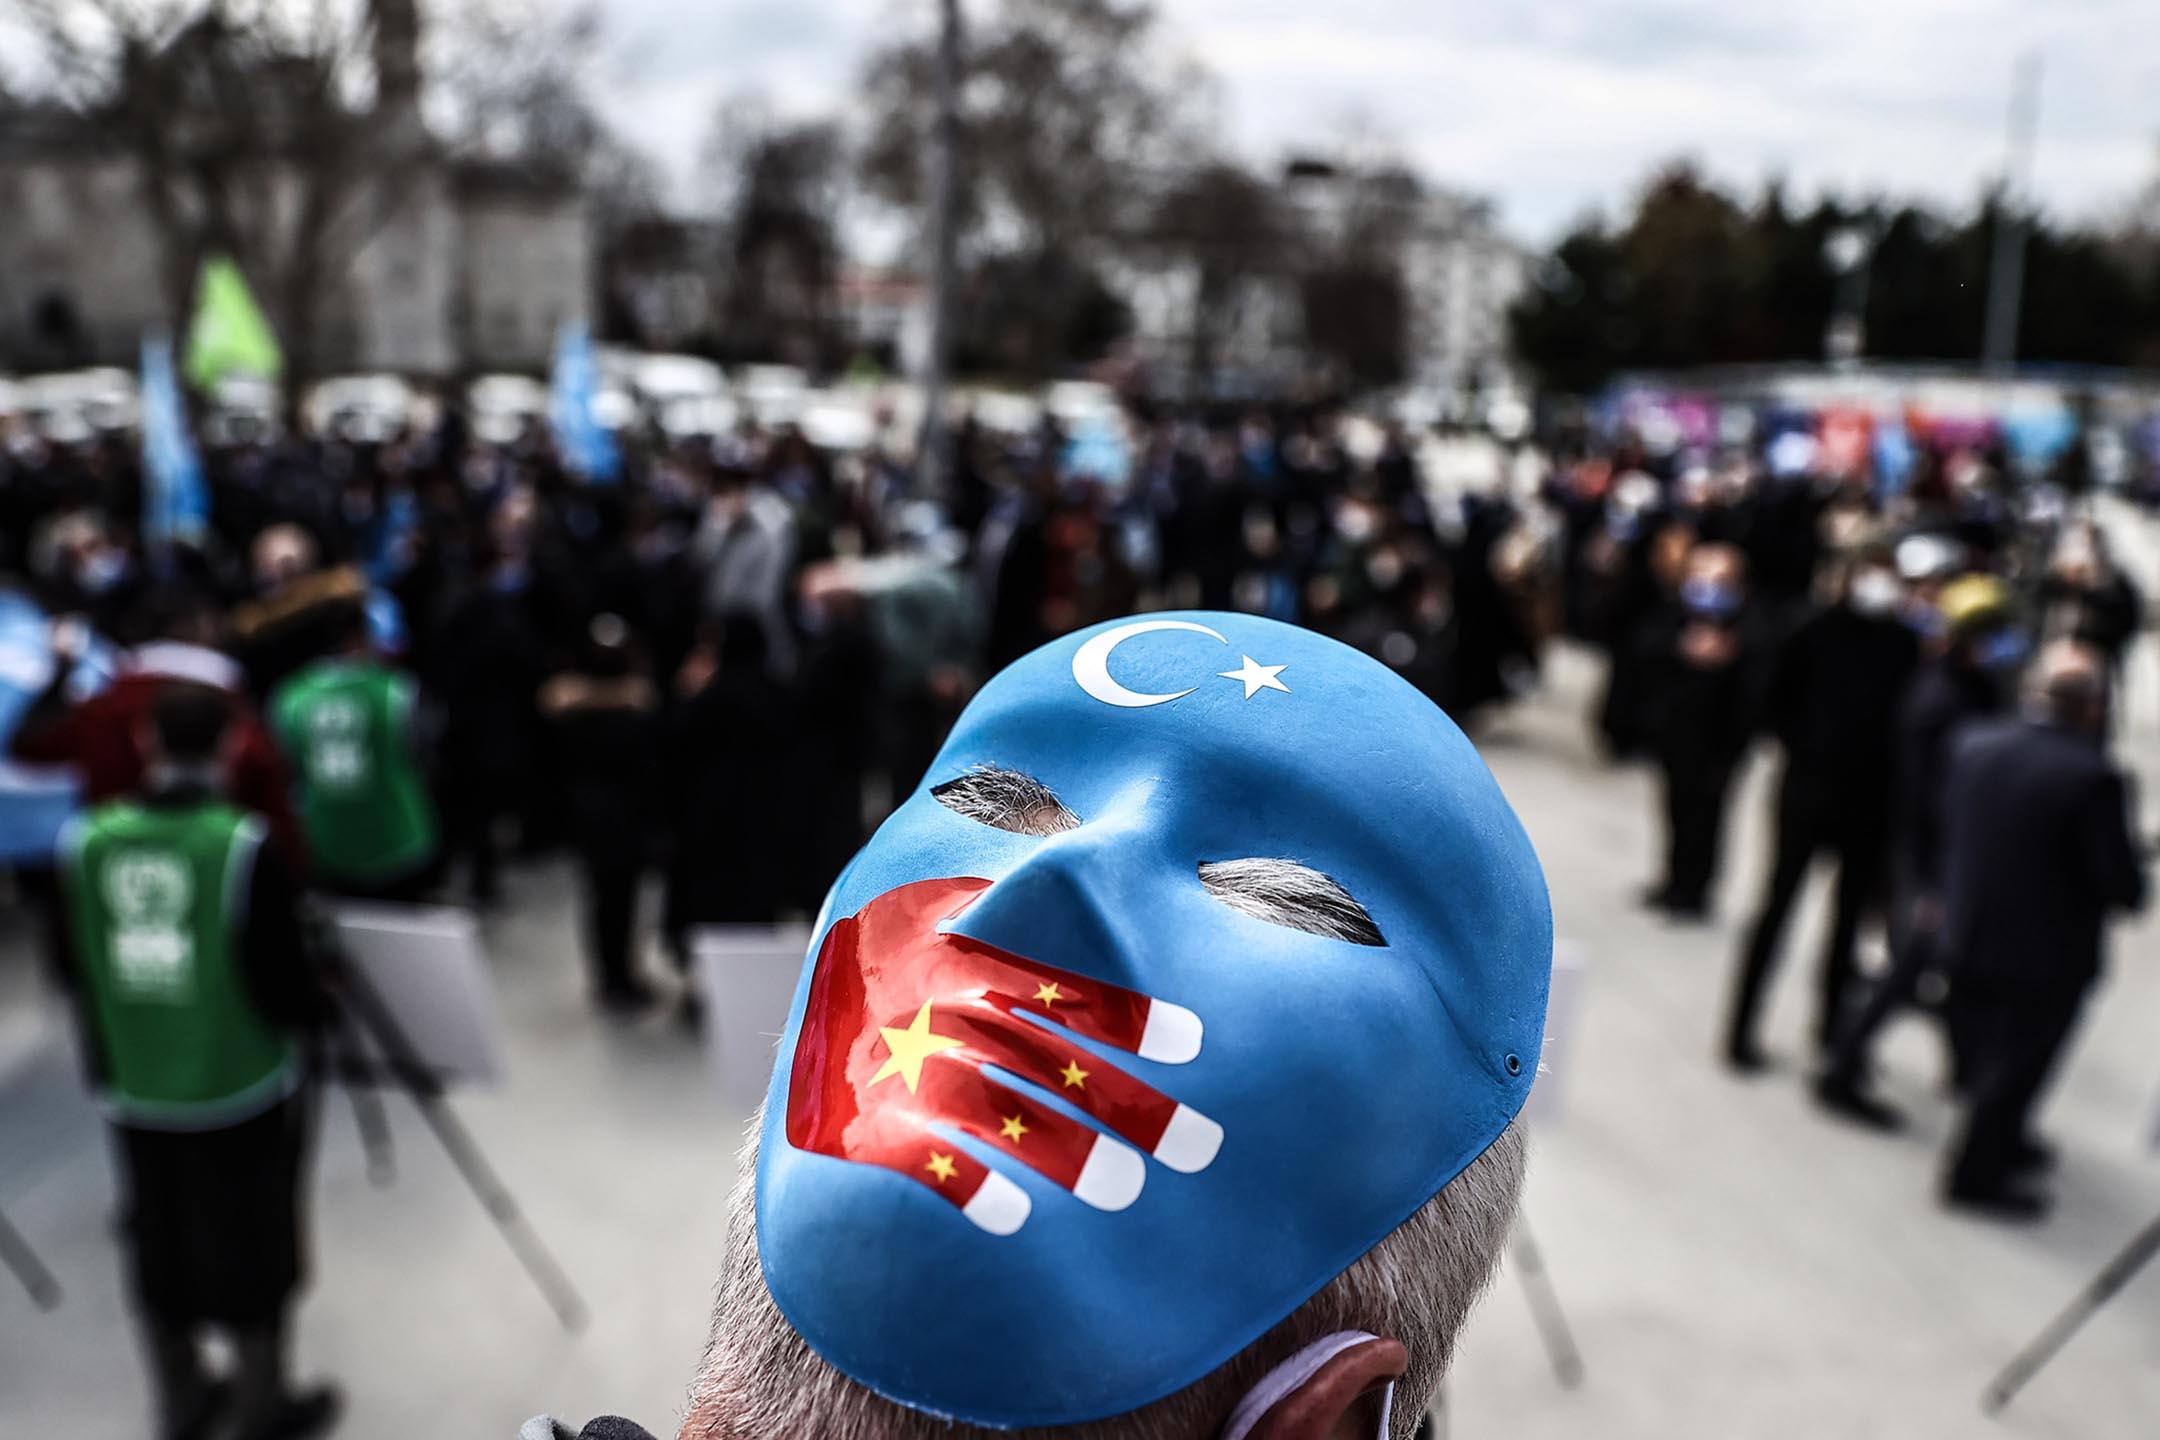 2021年4月1日土耳其伊斯坦堡,人們參加由非政府組織舉行的展覽,目的在告訴人們,中國政府針對維吾爾族人的政策。